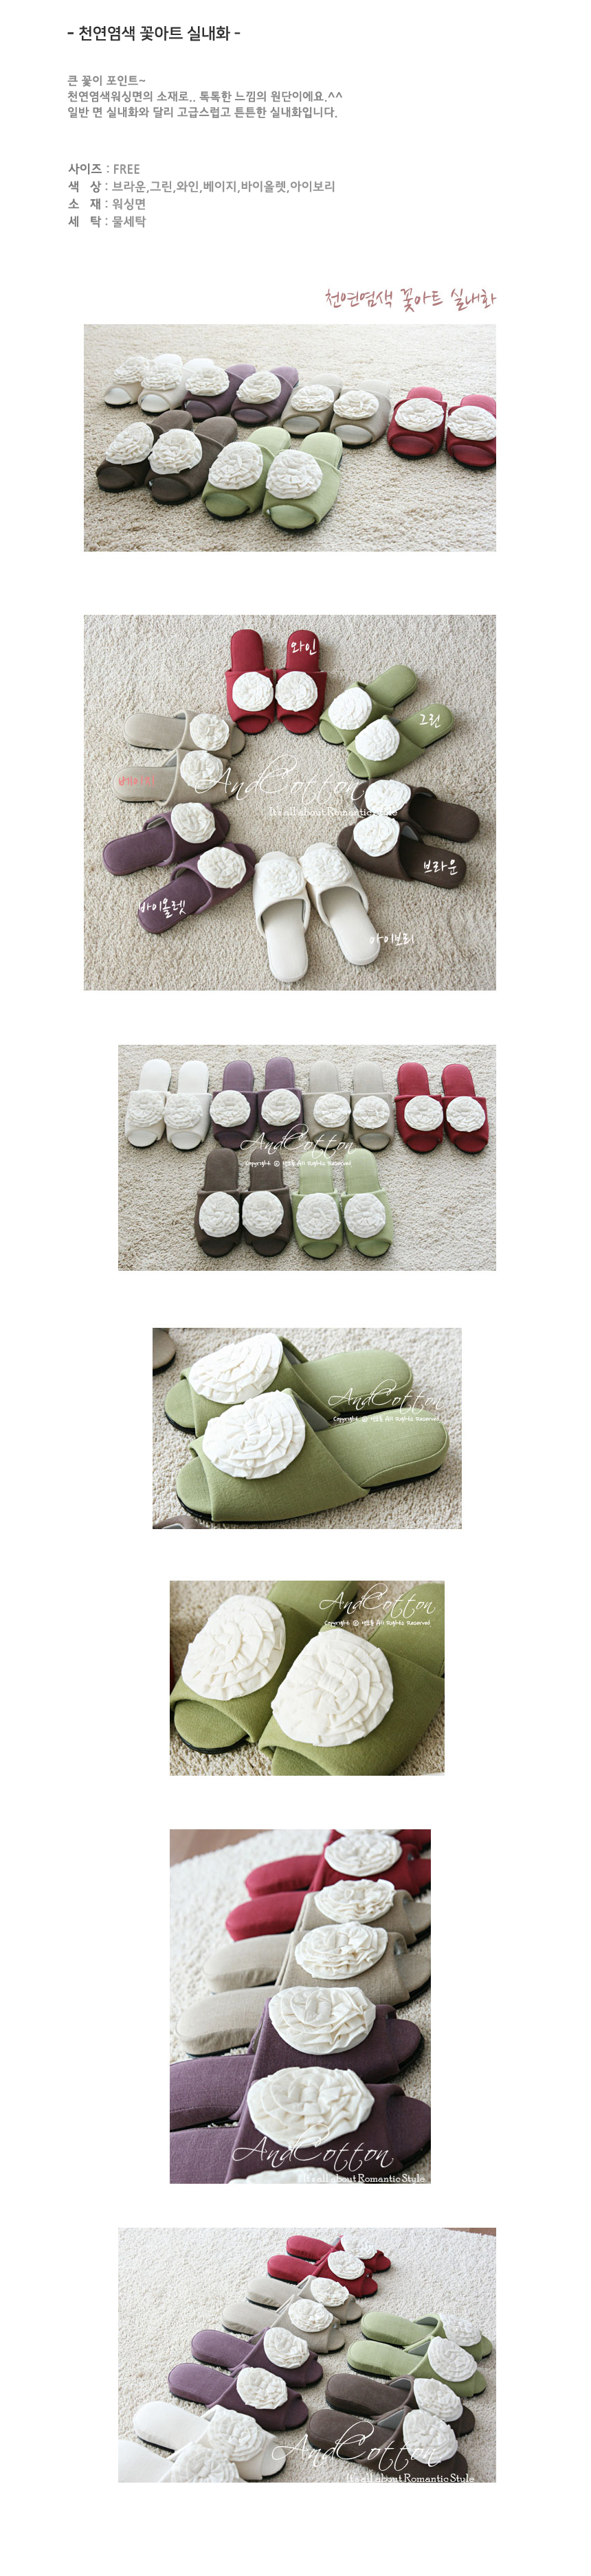 천연염색 꽃아트 실내화 - 앤코튼1, 22,500원, 슬리퍼/거실화, 덮개형